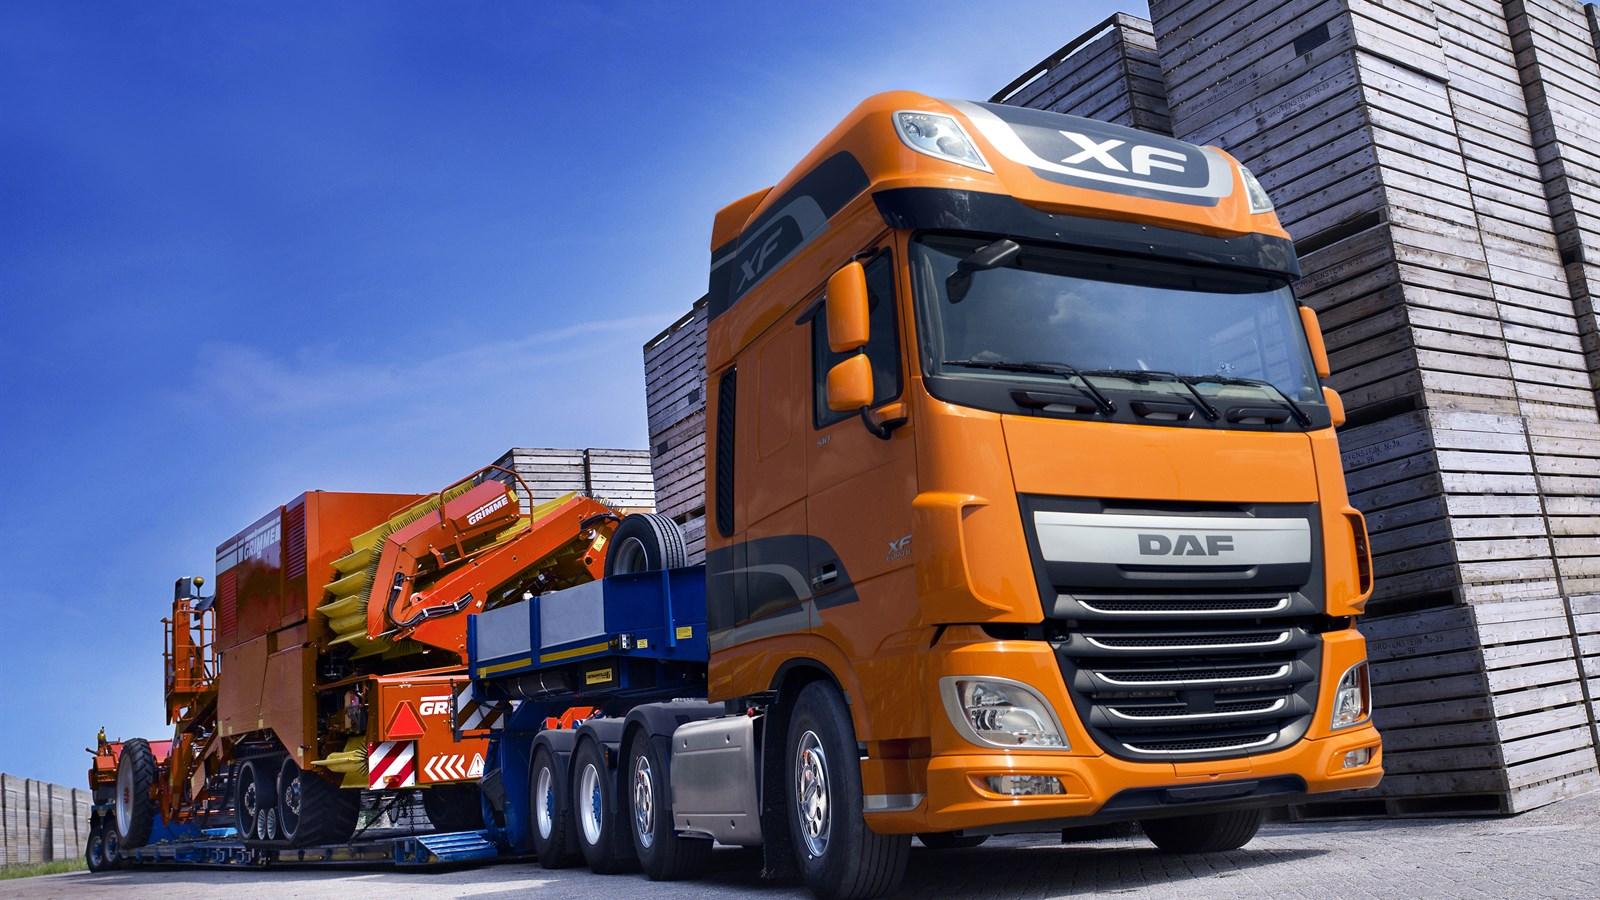 Daf XF 8x4 trucks euro 6 ftm 2017